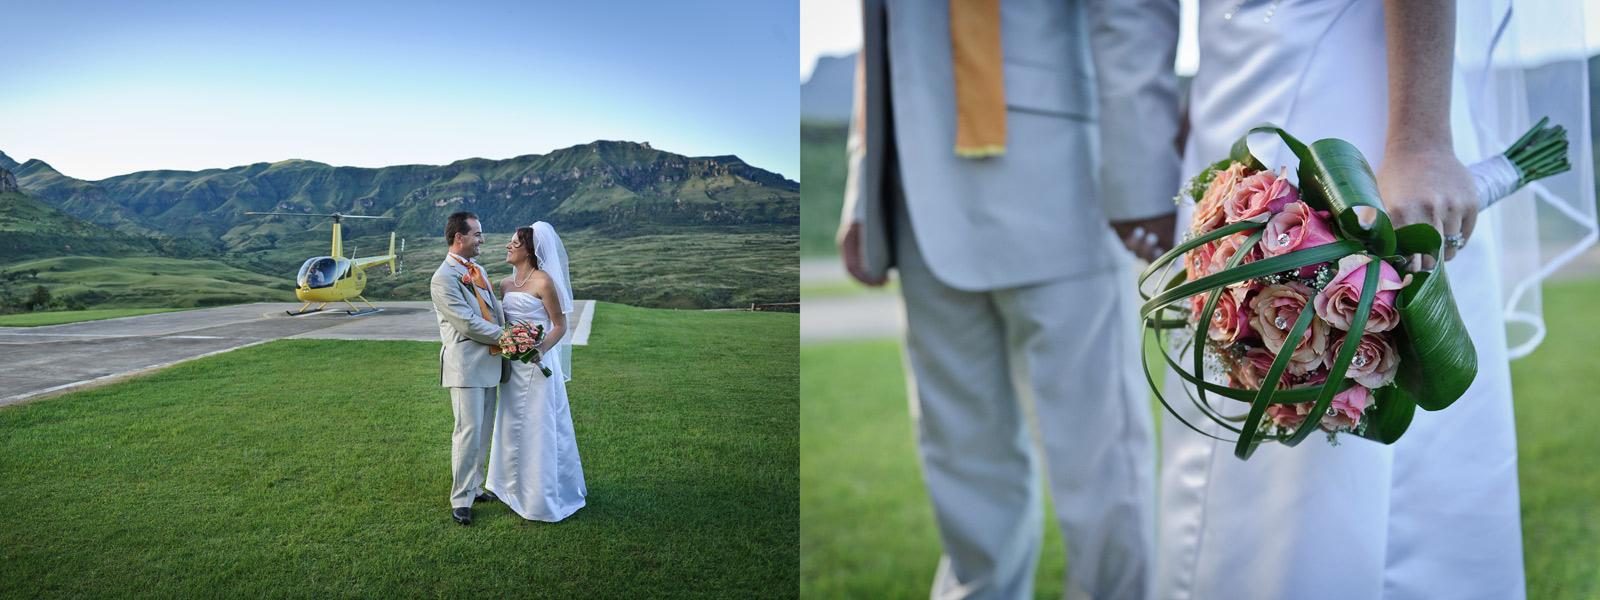 Nathalie Boucry Photography | Charlene and Craig Wedding Album 024